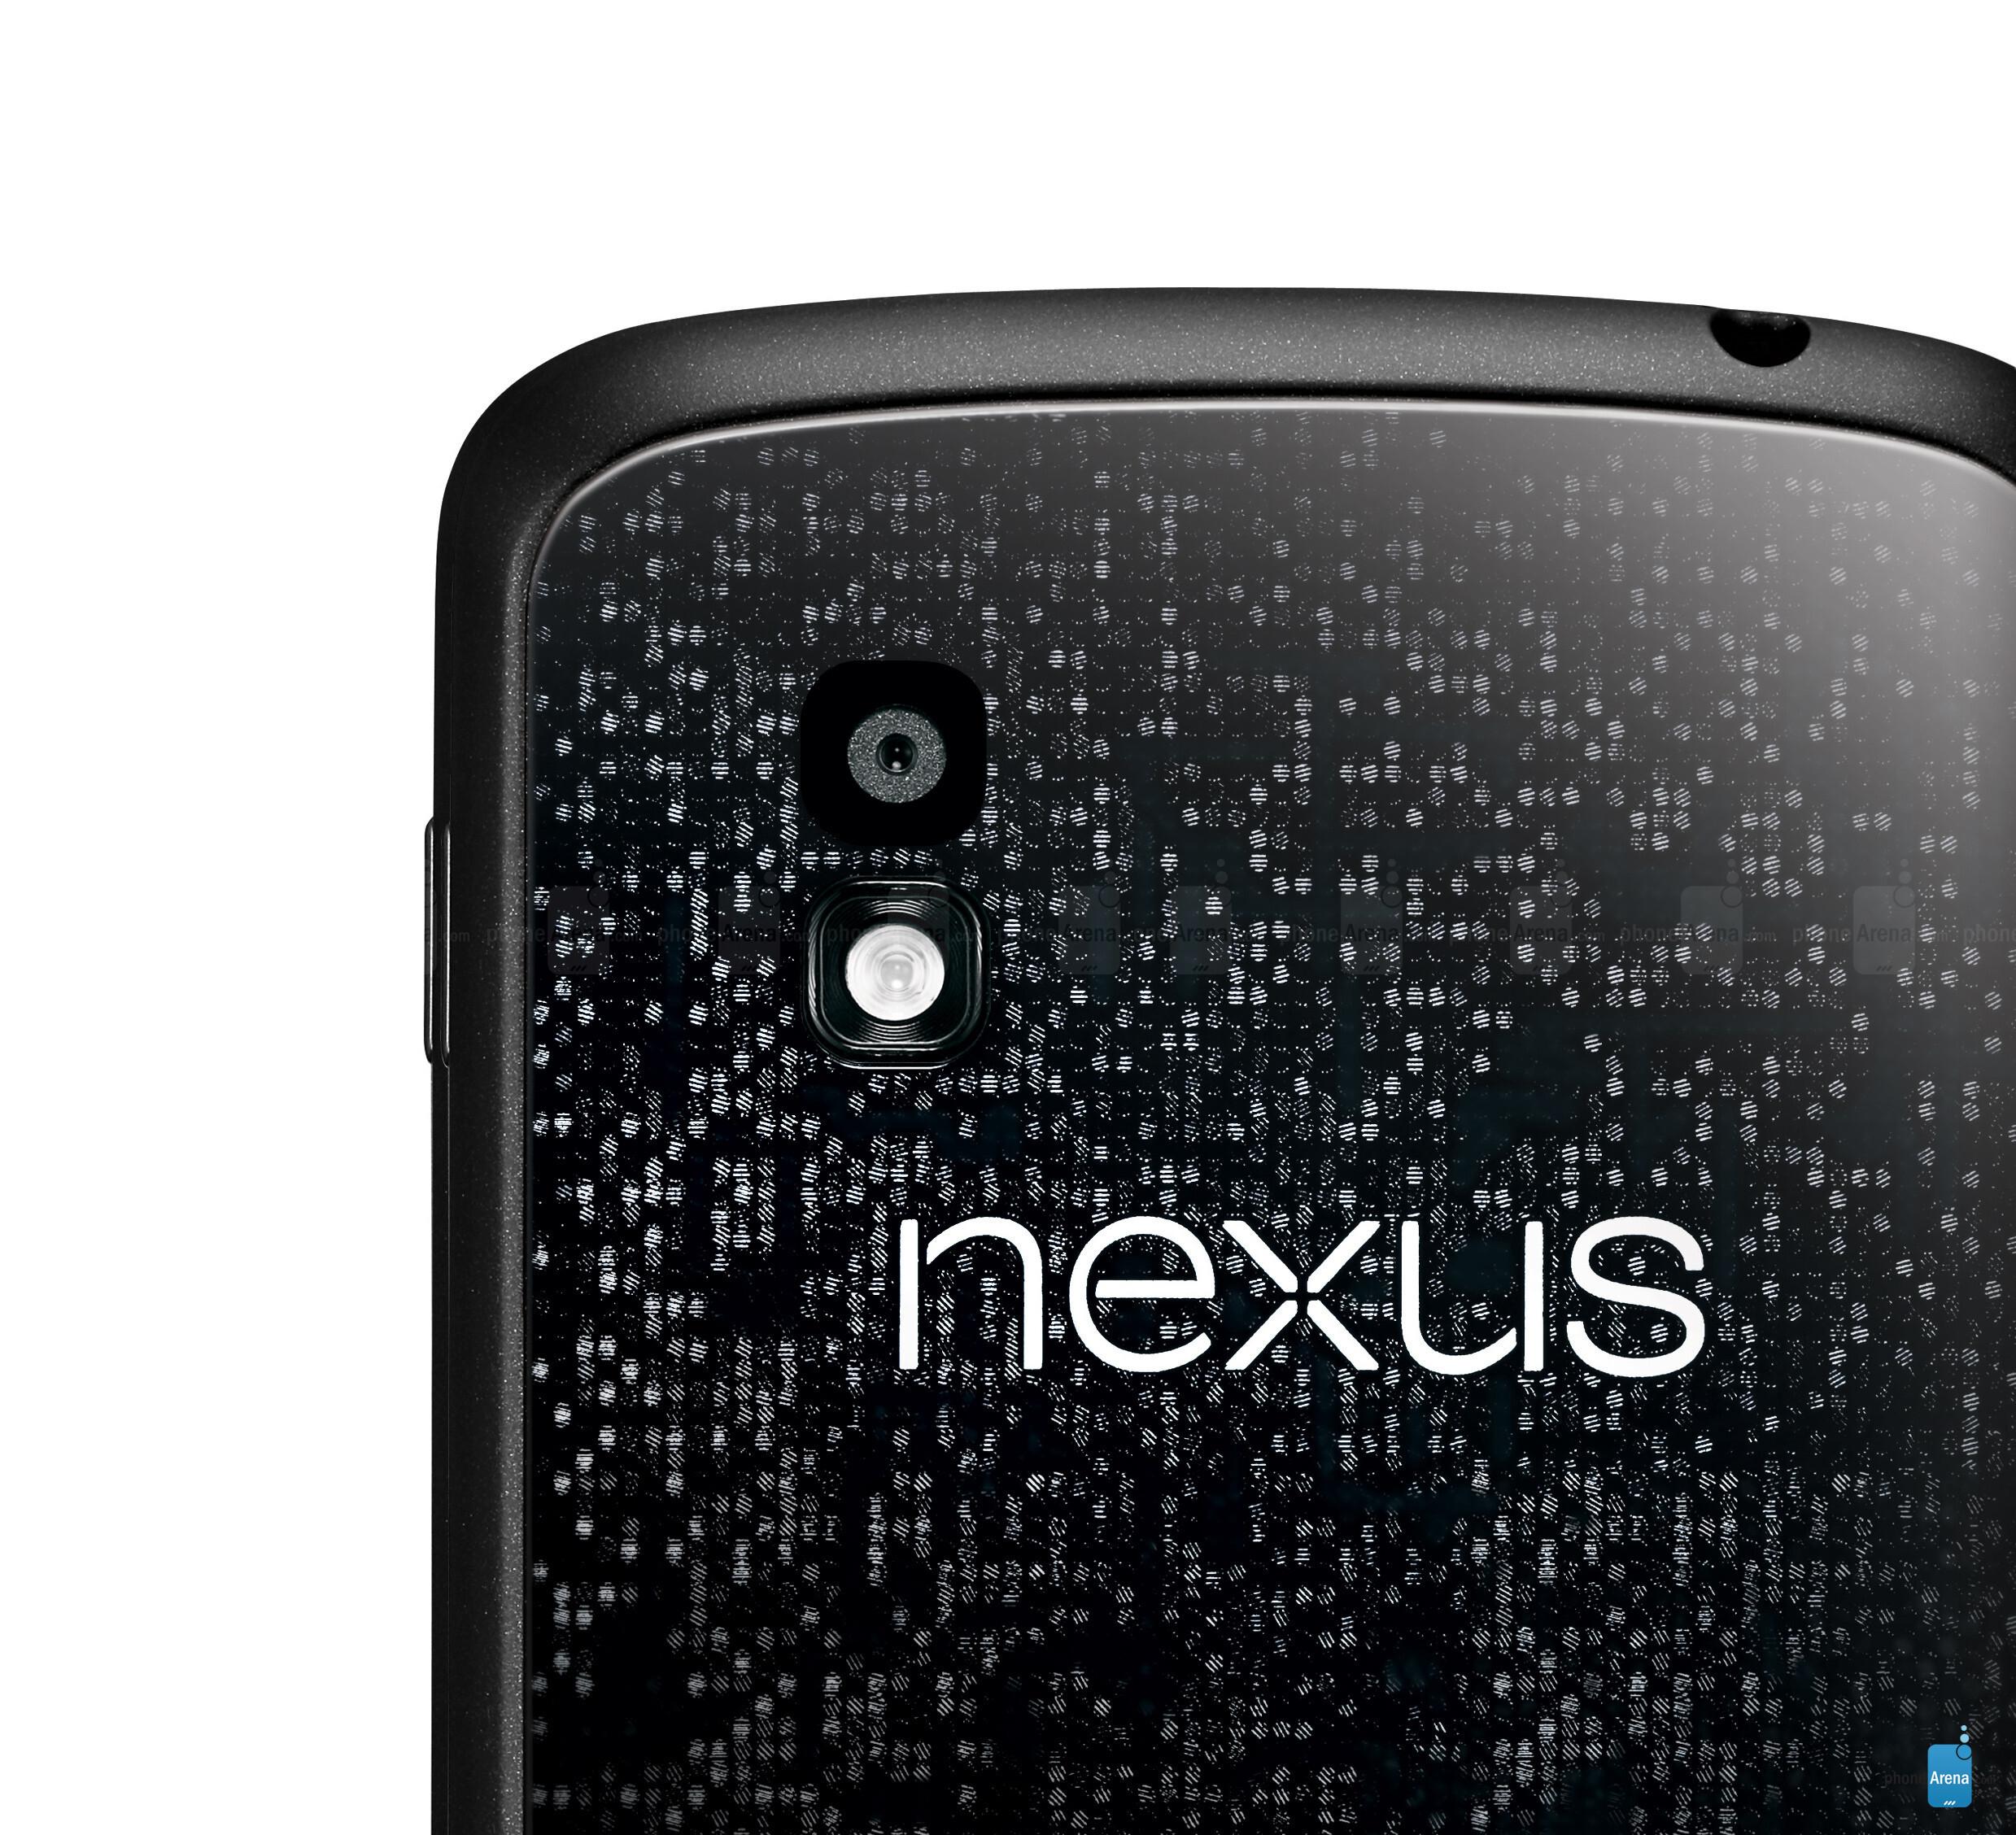 Google nexus 4 review pictures it pro - Google Nexus 4 Review Pictures It Pro 4